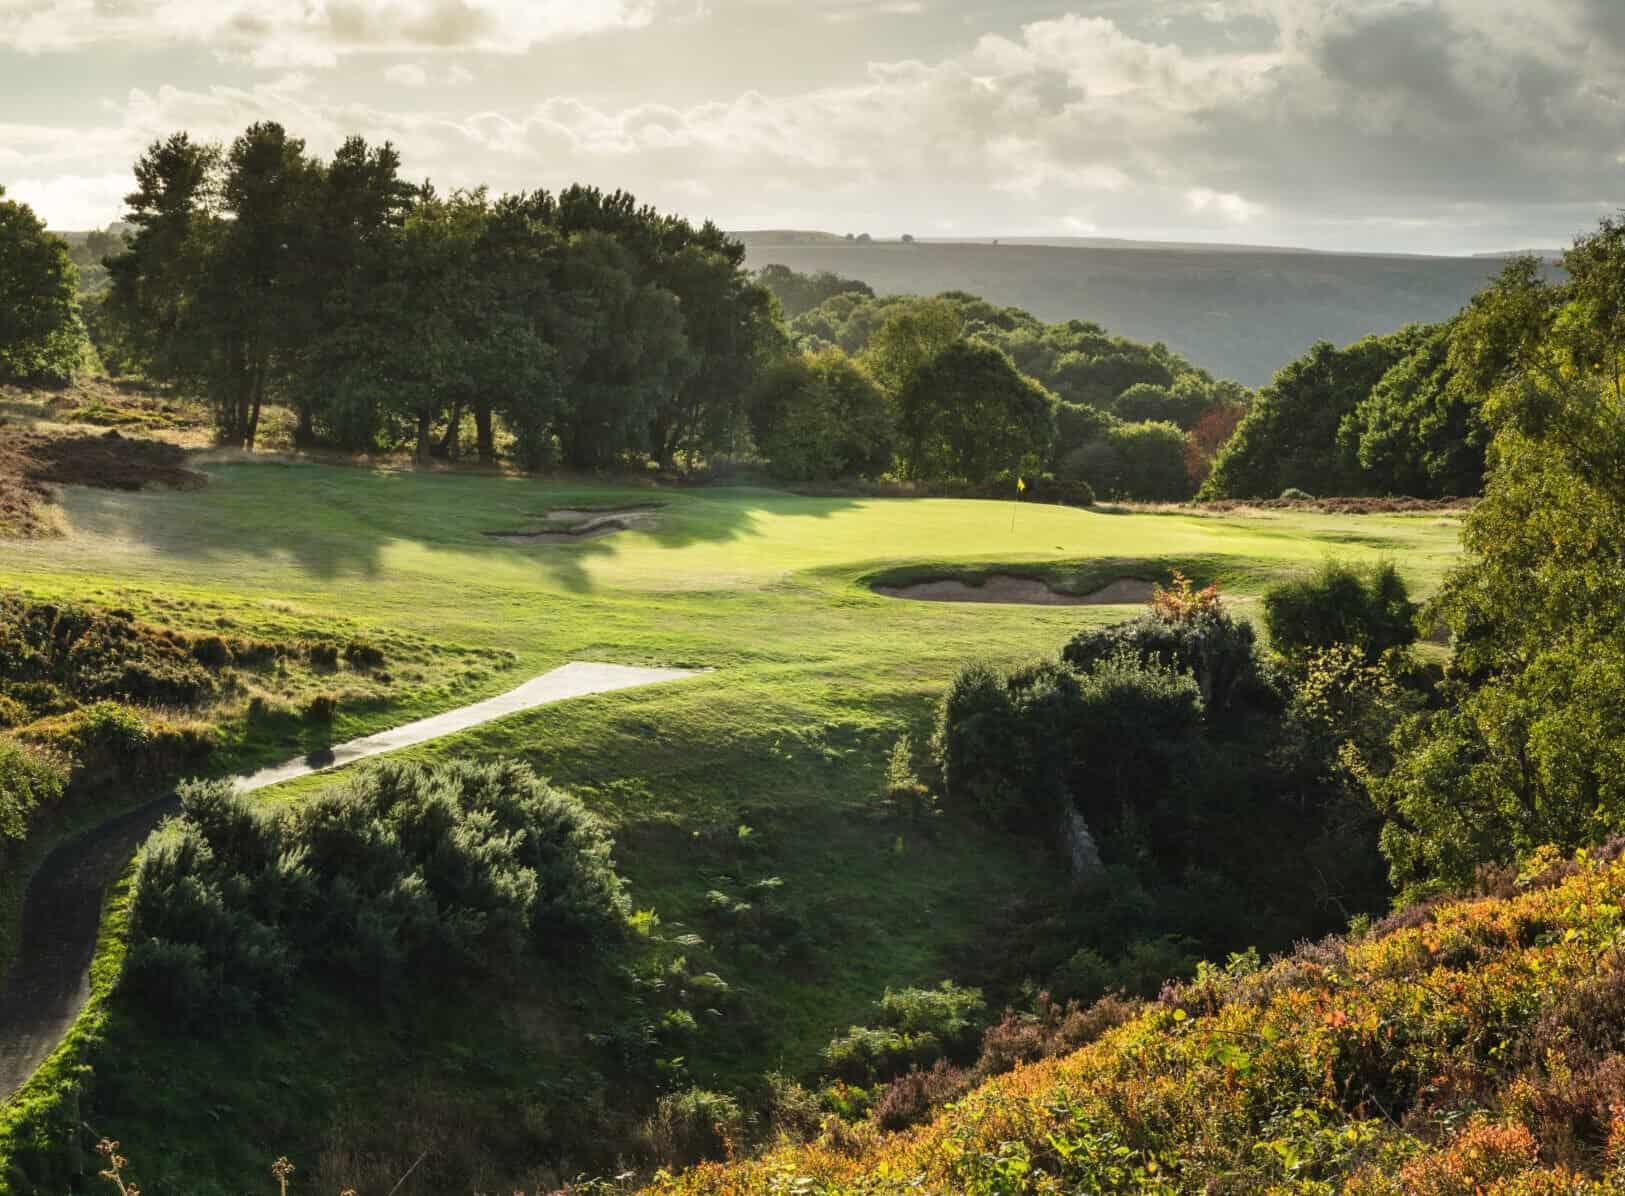 The par 3 6th at Hallamshire Golf Club